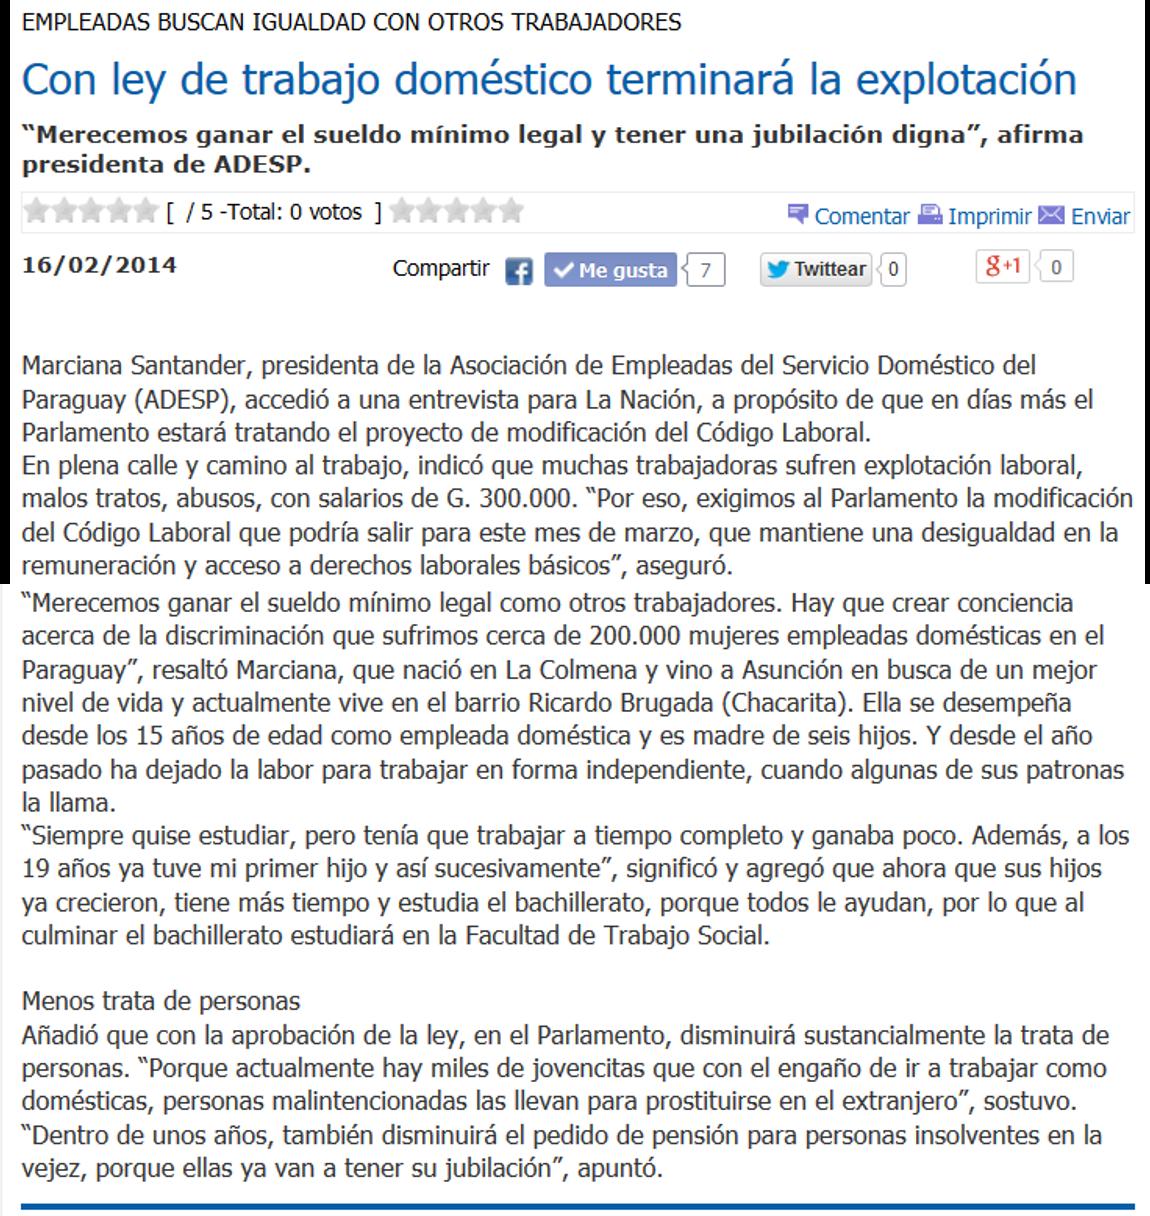 http://www.lanacion.com.py/articulo/156568--con-ley-de-trabajo-domestico-terminara-la-explotacion.html